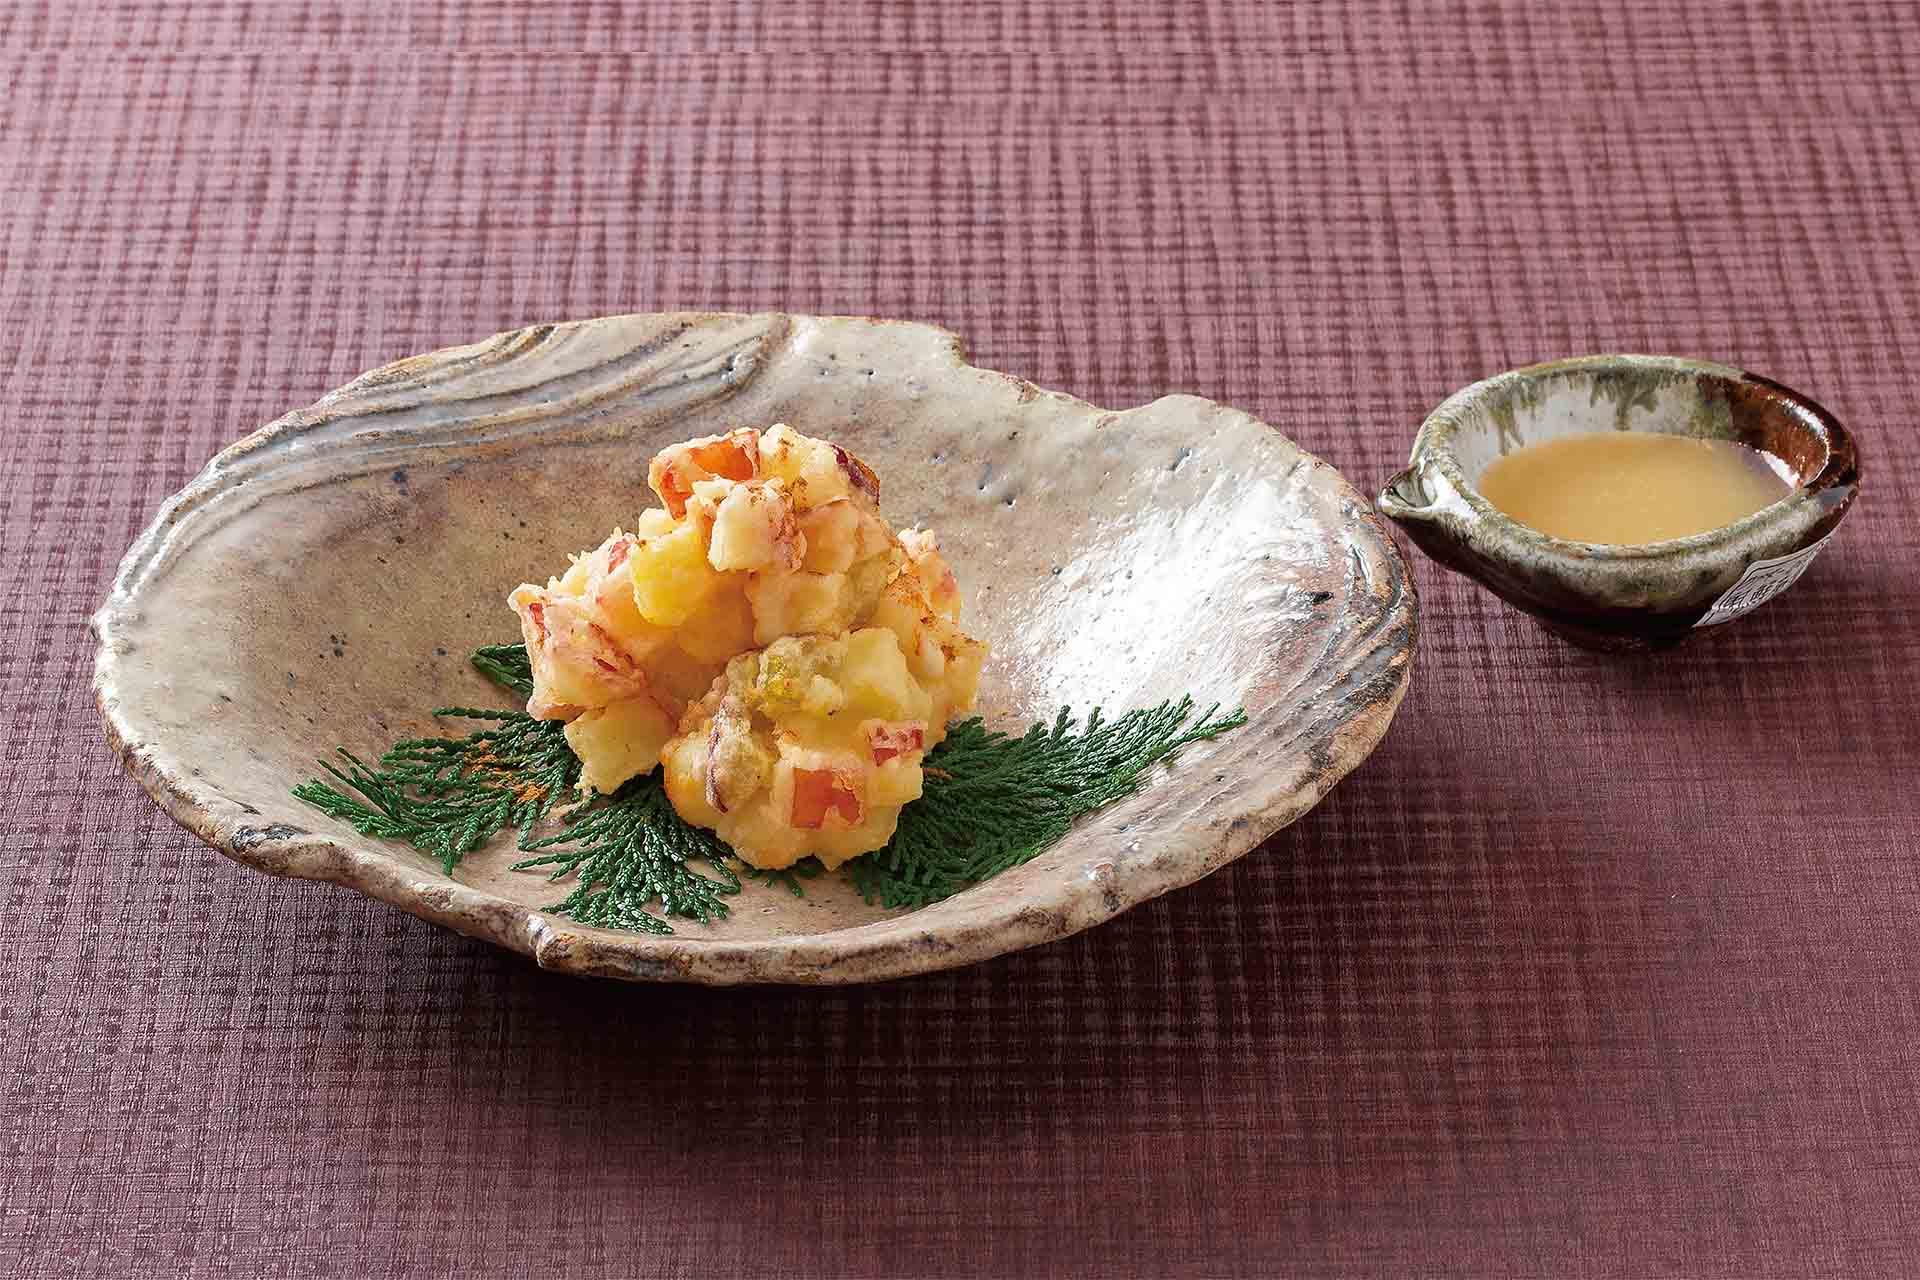 林檎と蜜芋揚げ 蜂蜜バター